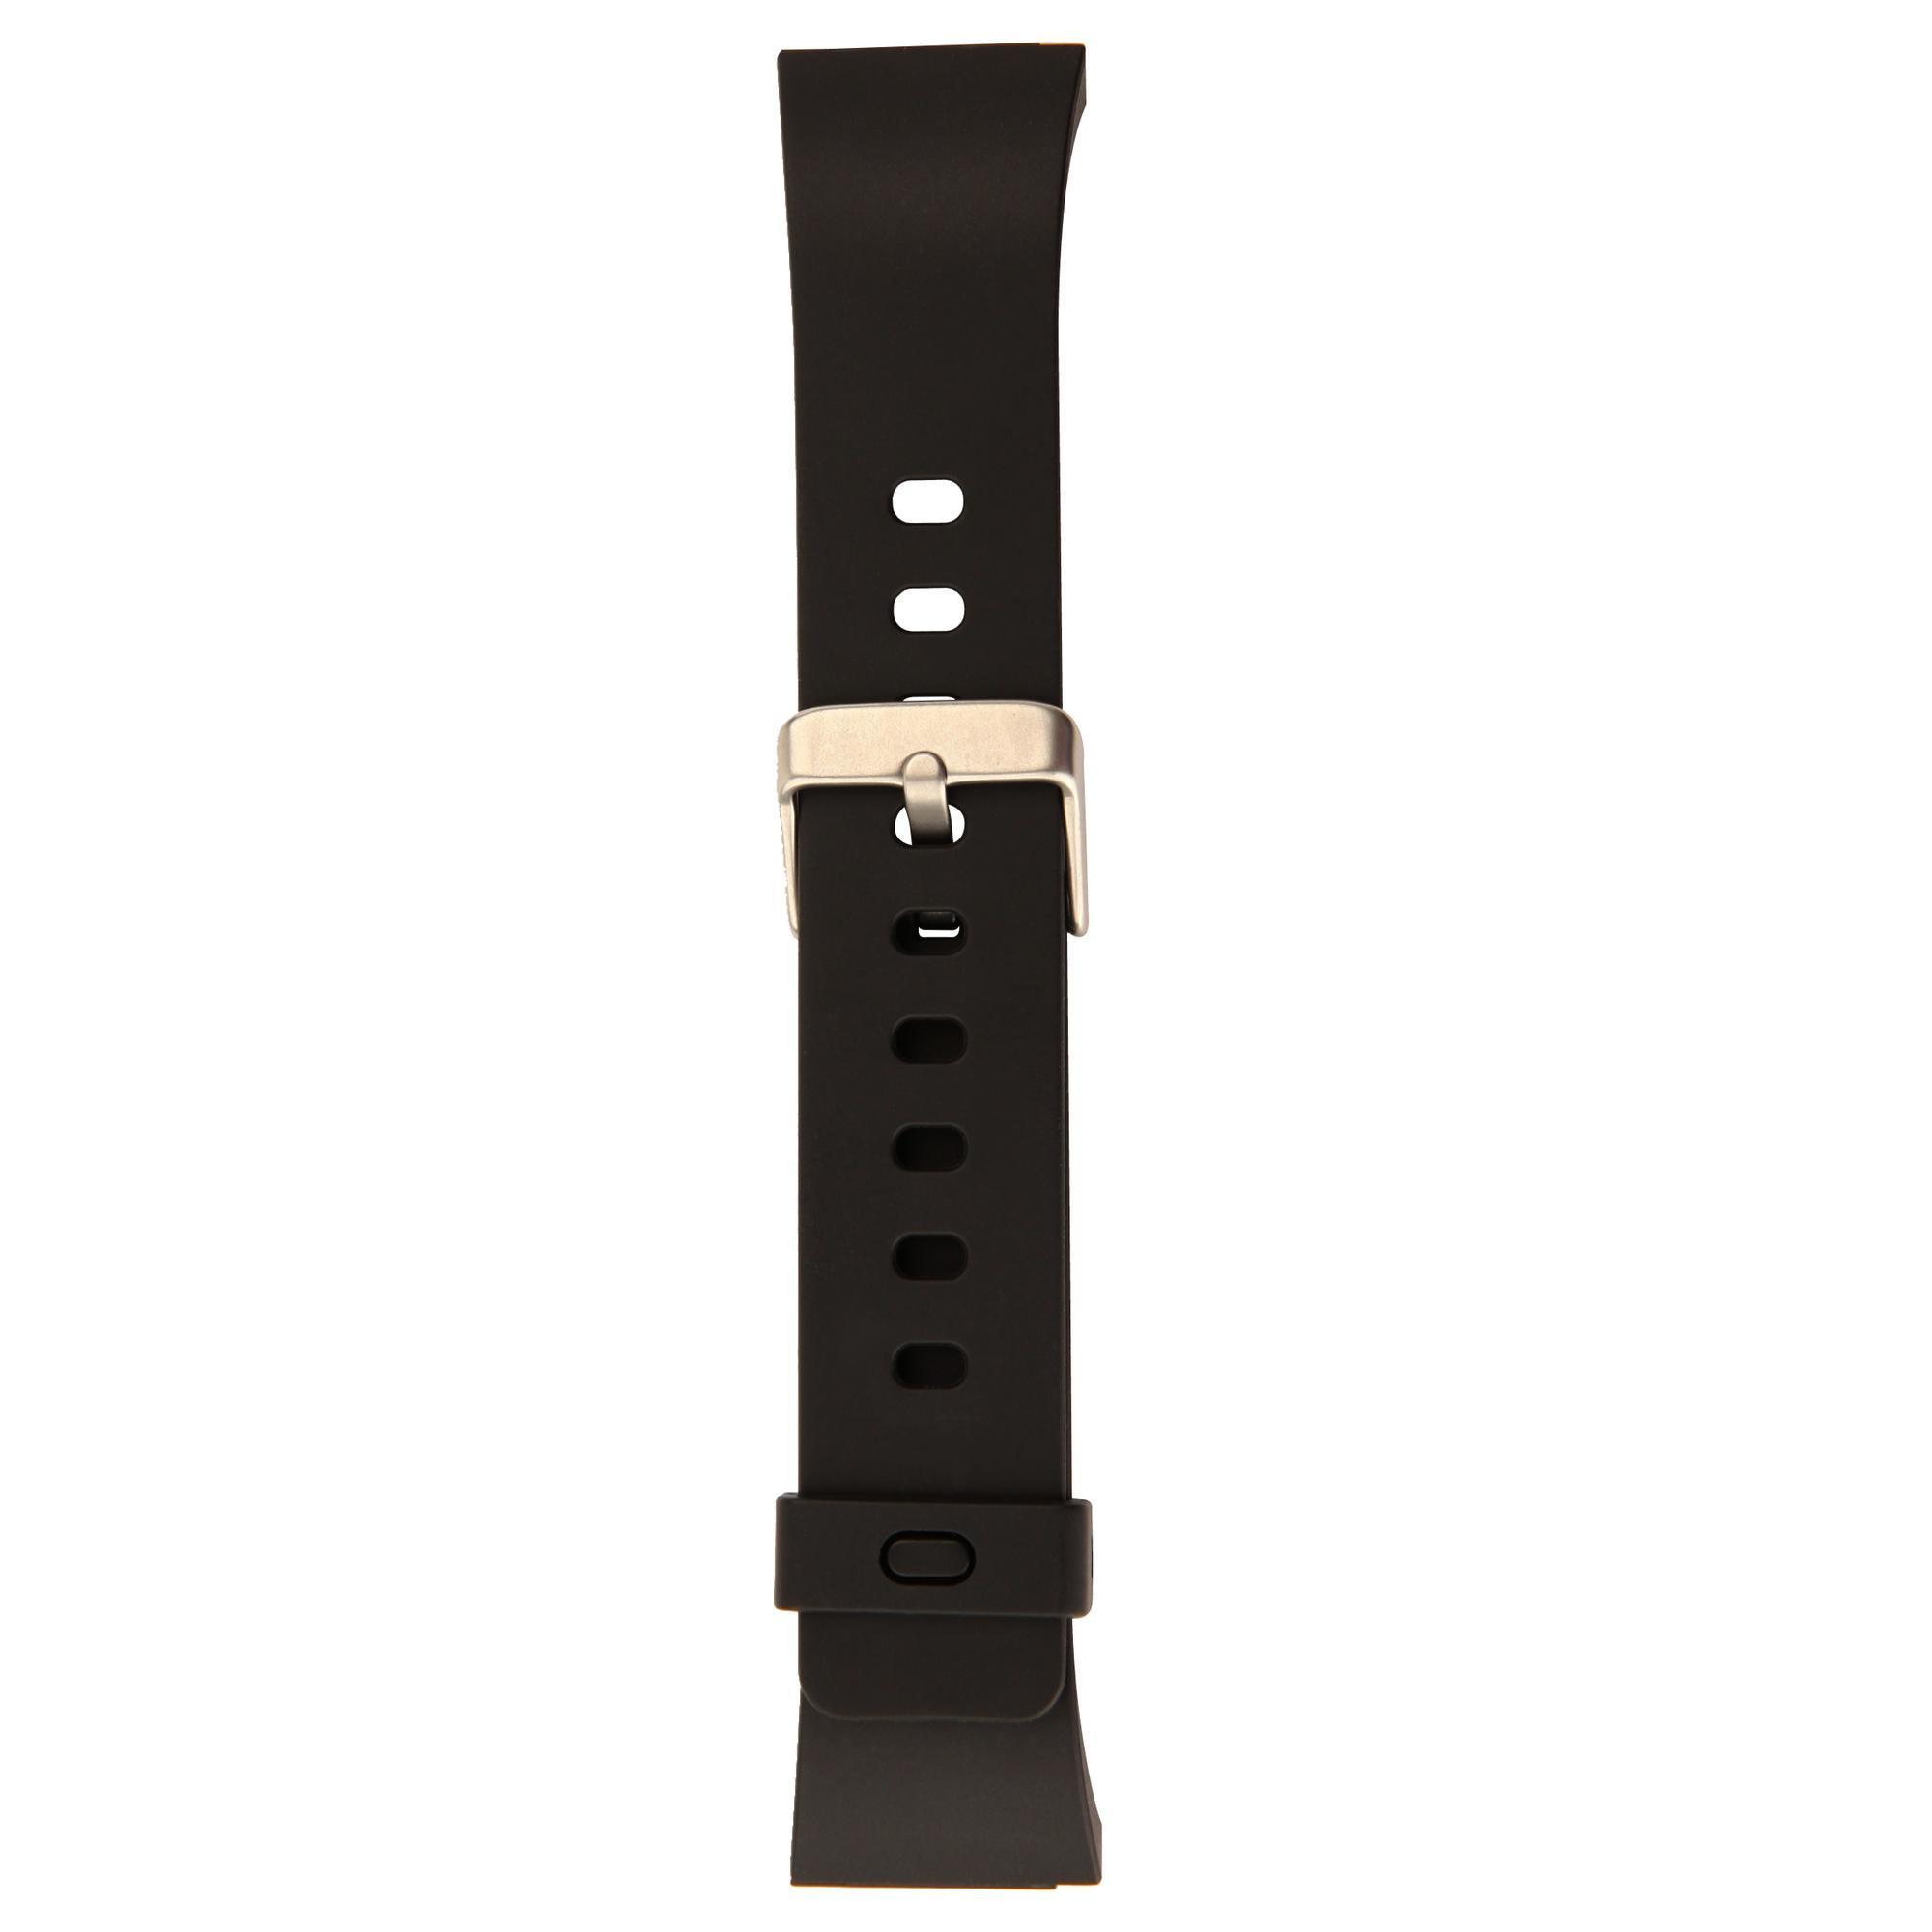 f122a22cfd28 Correa reloj NEGRA compatible con W500